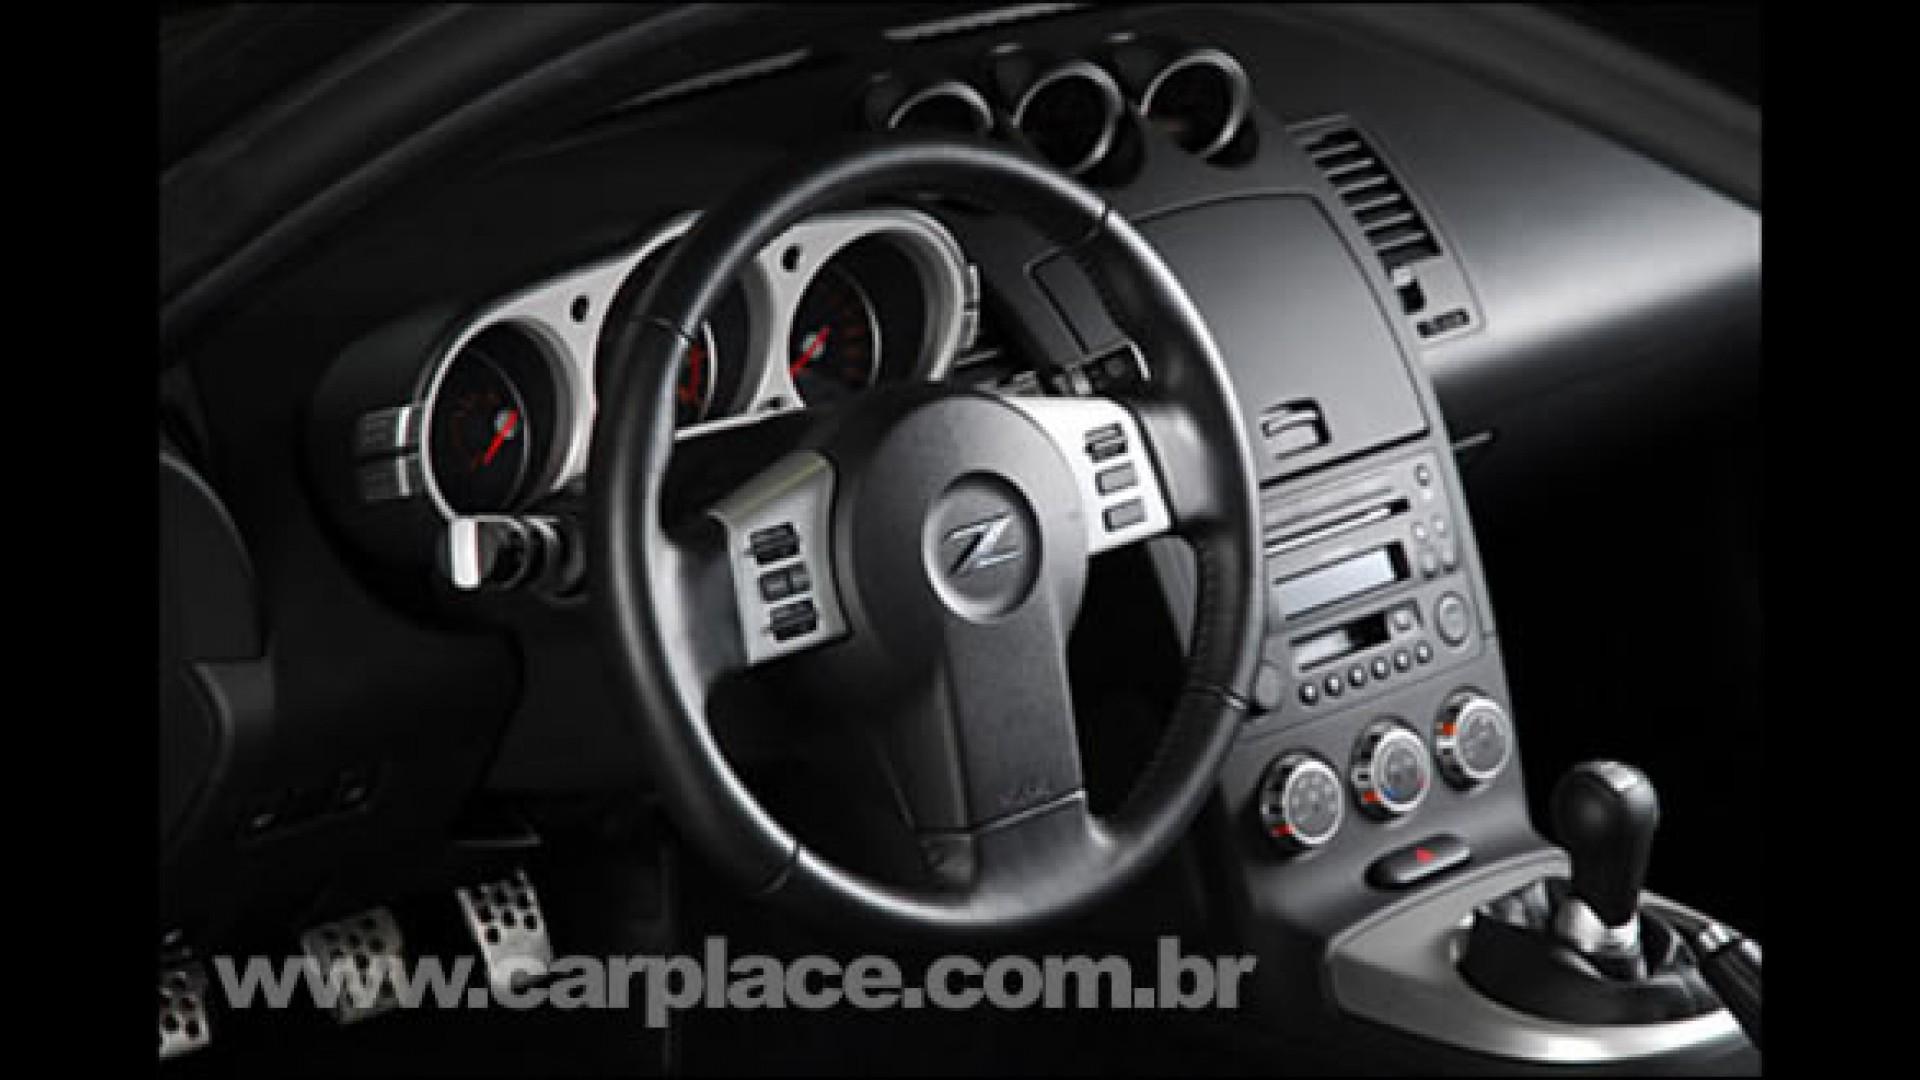 Coupe Esportivo Nissan 350z 2008 Chega Ao Mercado Com Motor V6 Mais Potente